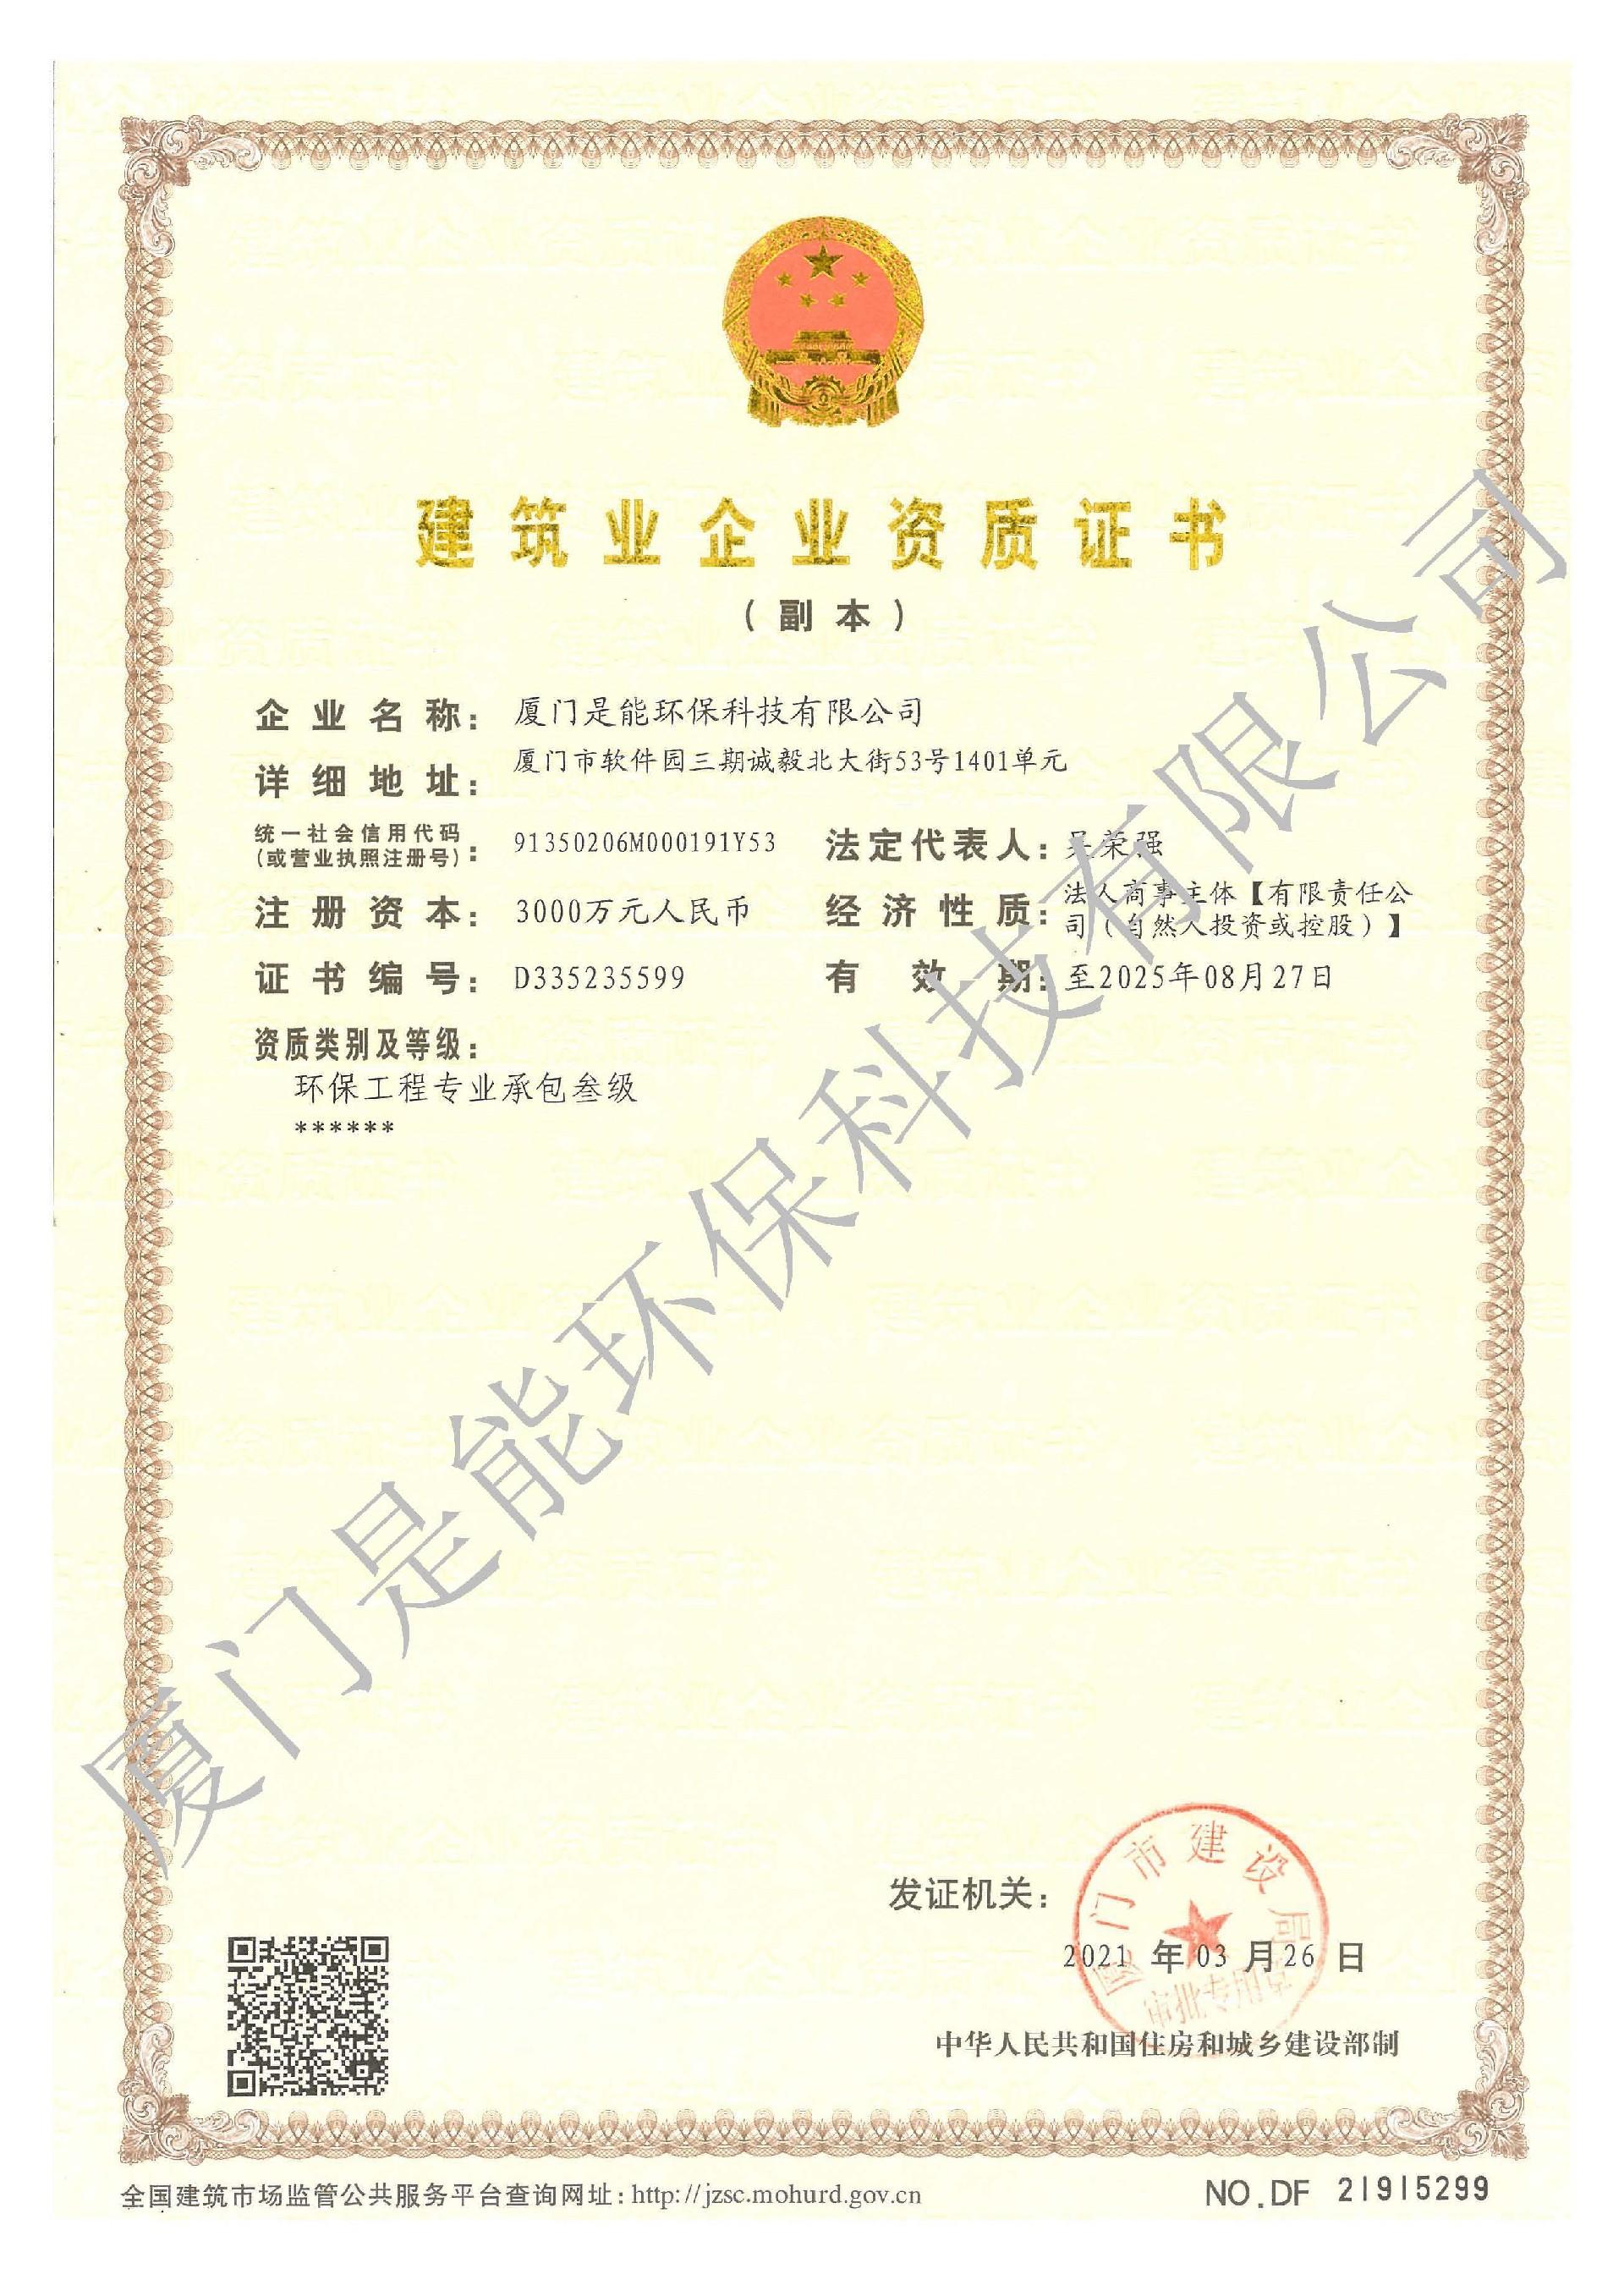 环保工程专业承包三级证书(副本).jpg